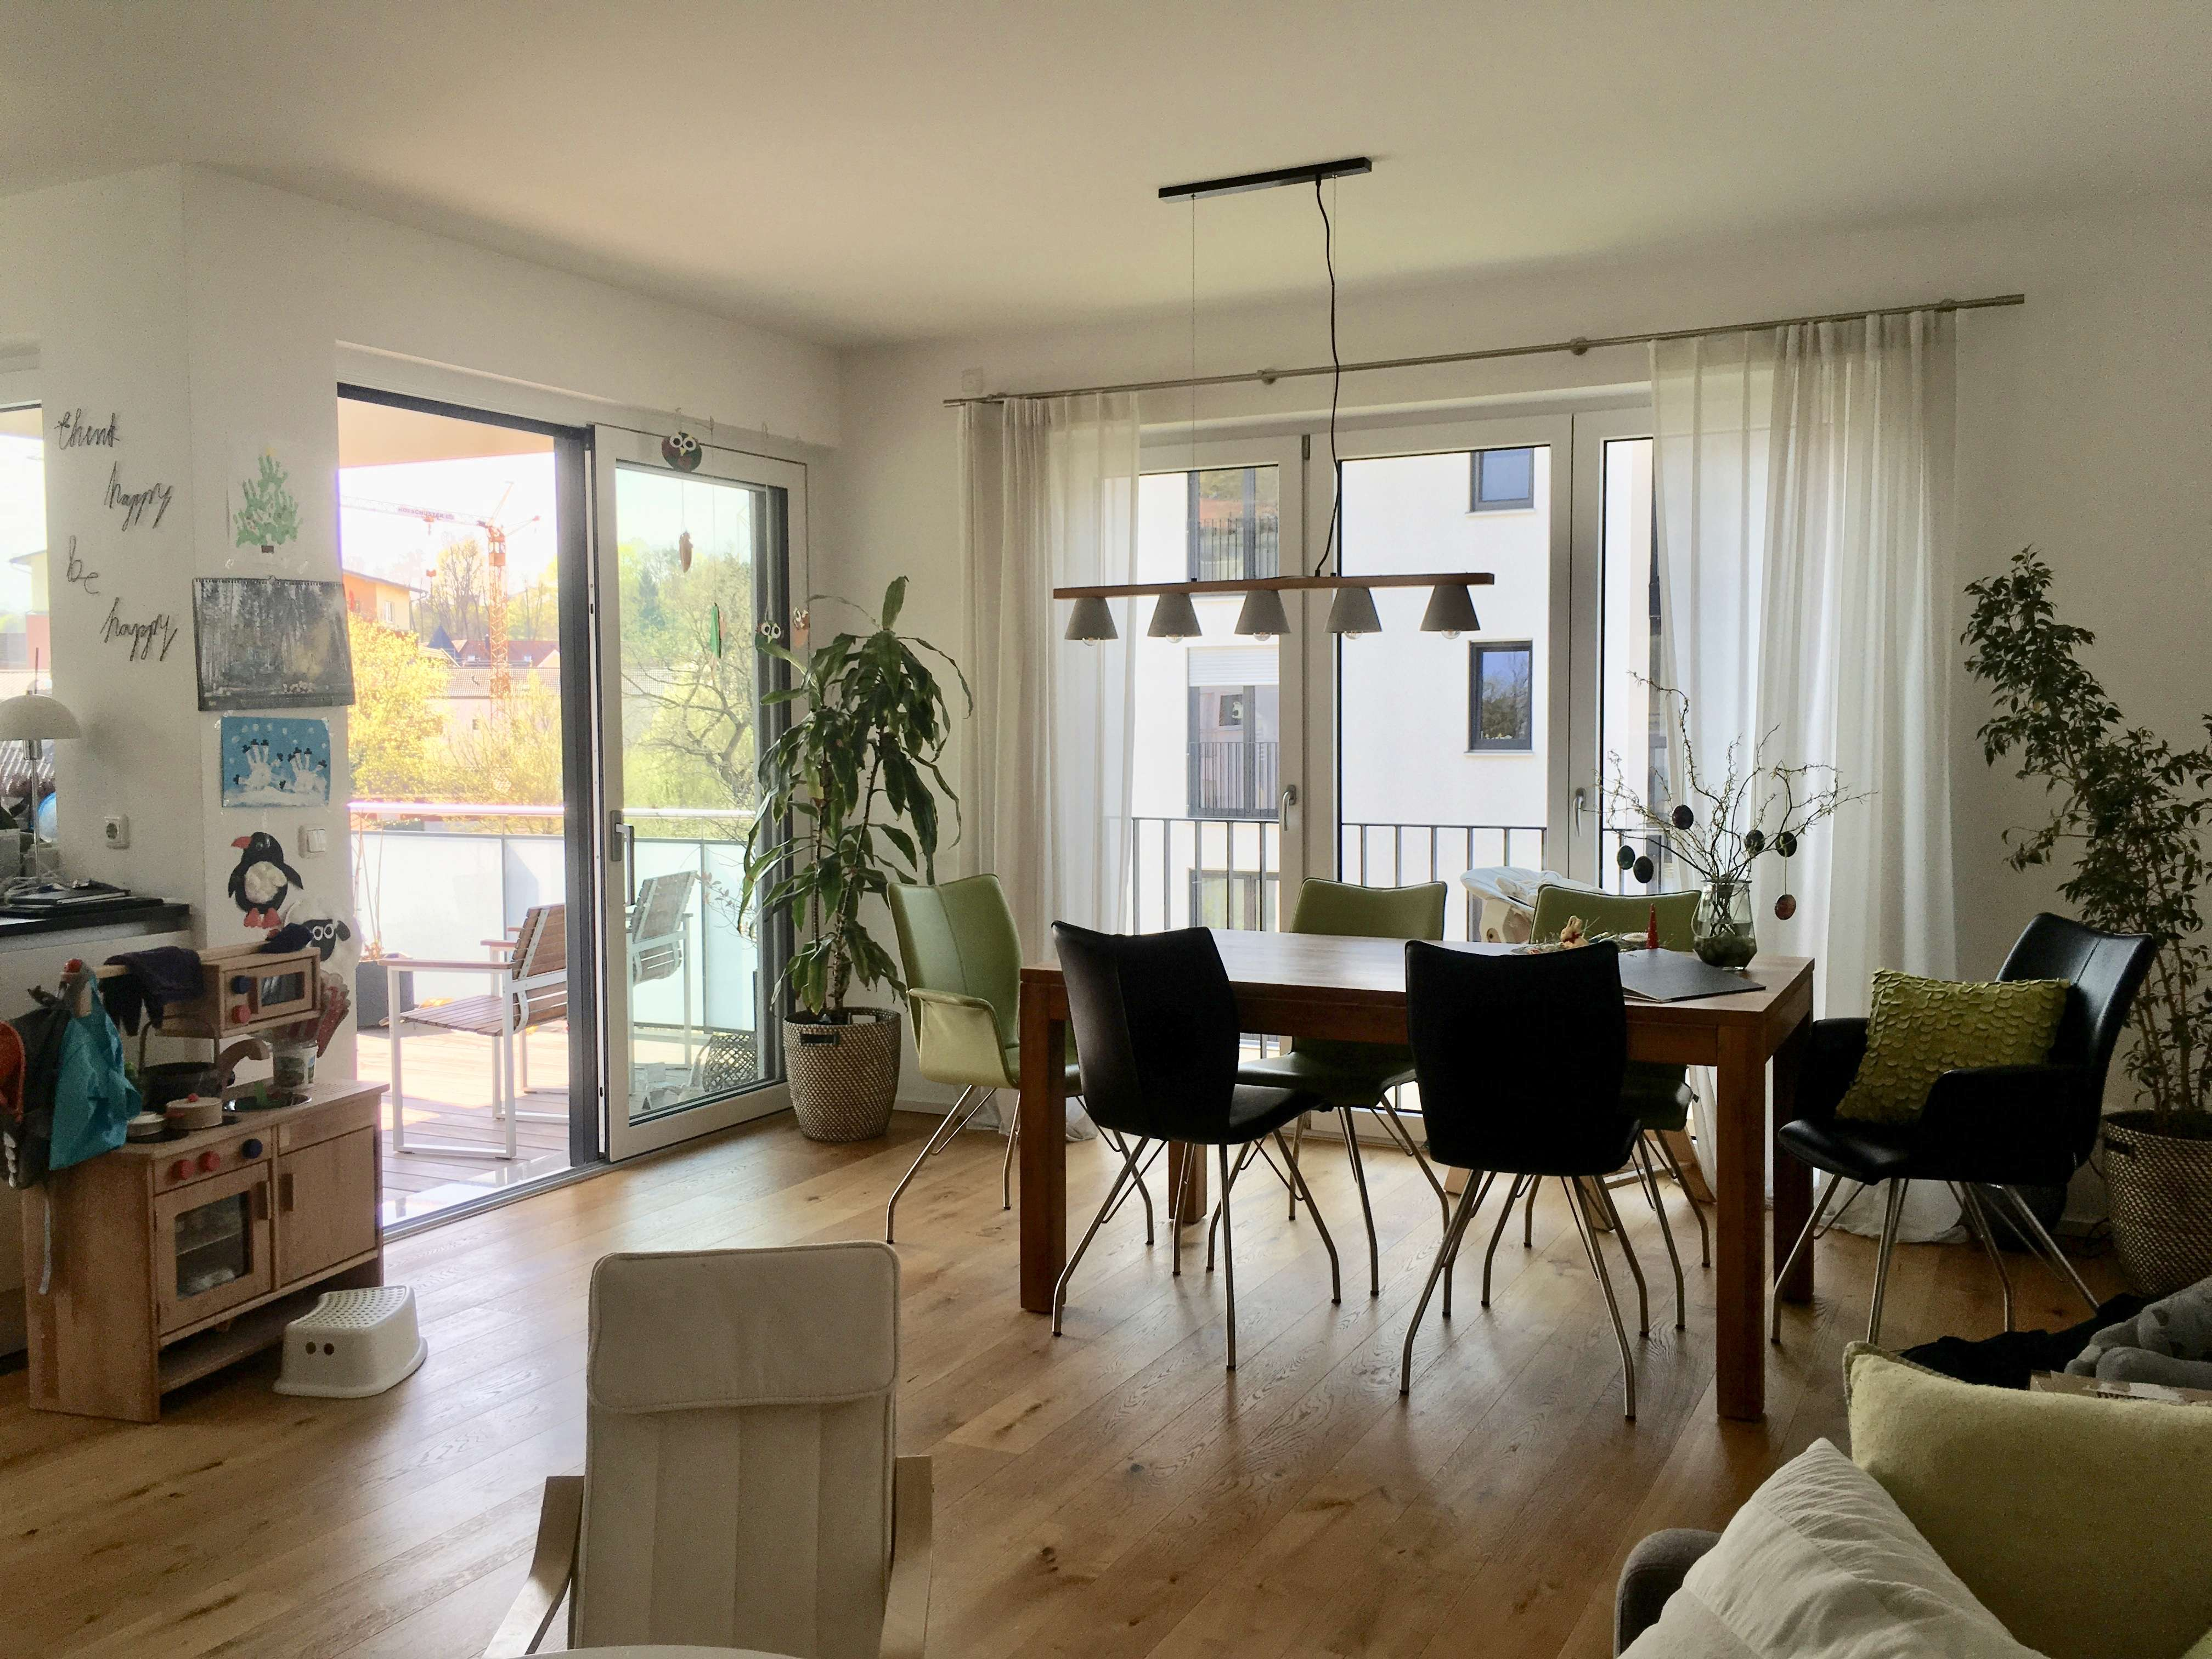 Hochwertige, neuwertige 3-Zimmer-Wohnung mit Balkon und EBK in Bad Abbach in